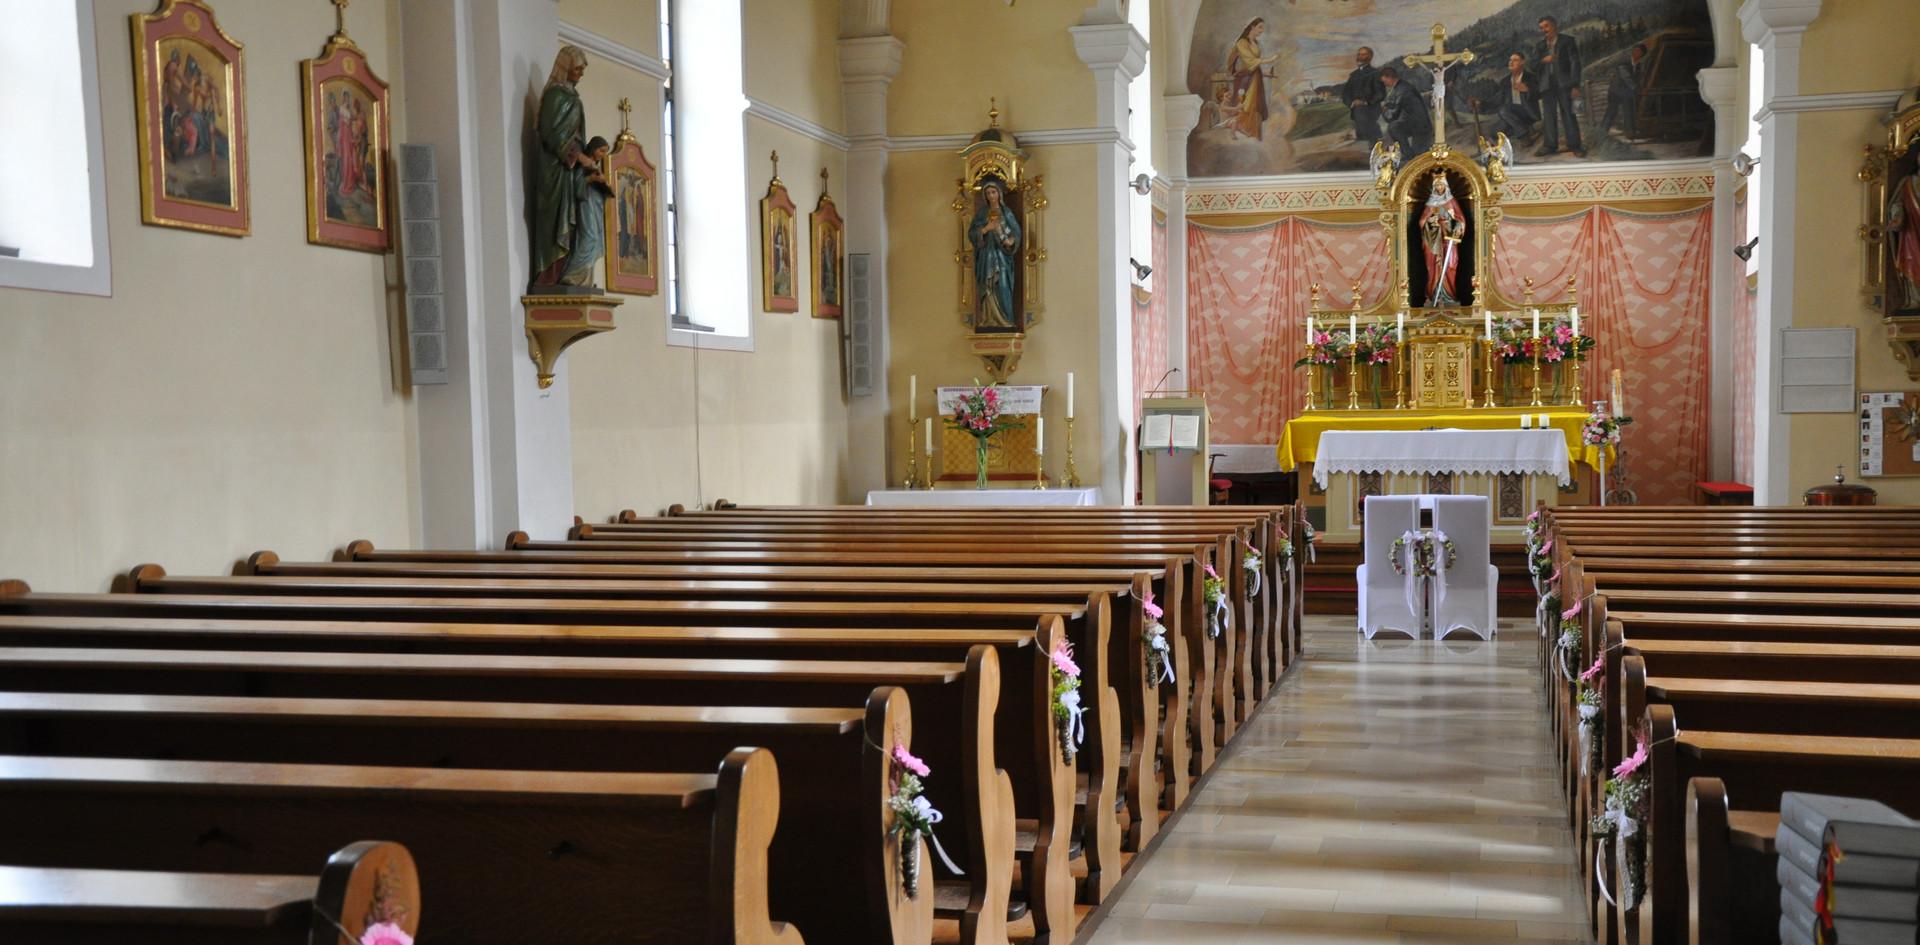 Foto - Quelle: Eigenaufnahme / Gärtnerei Thellmann